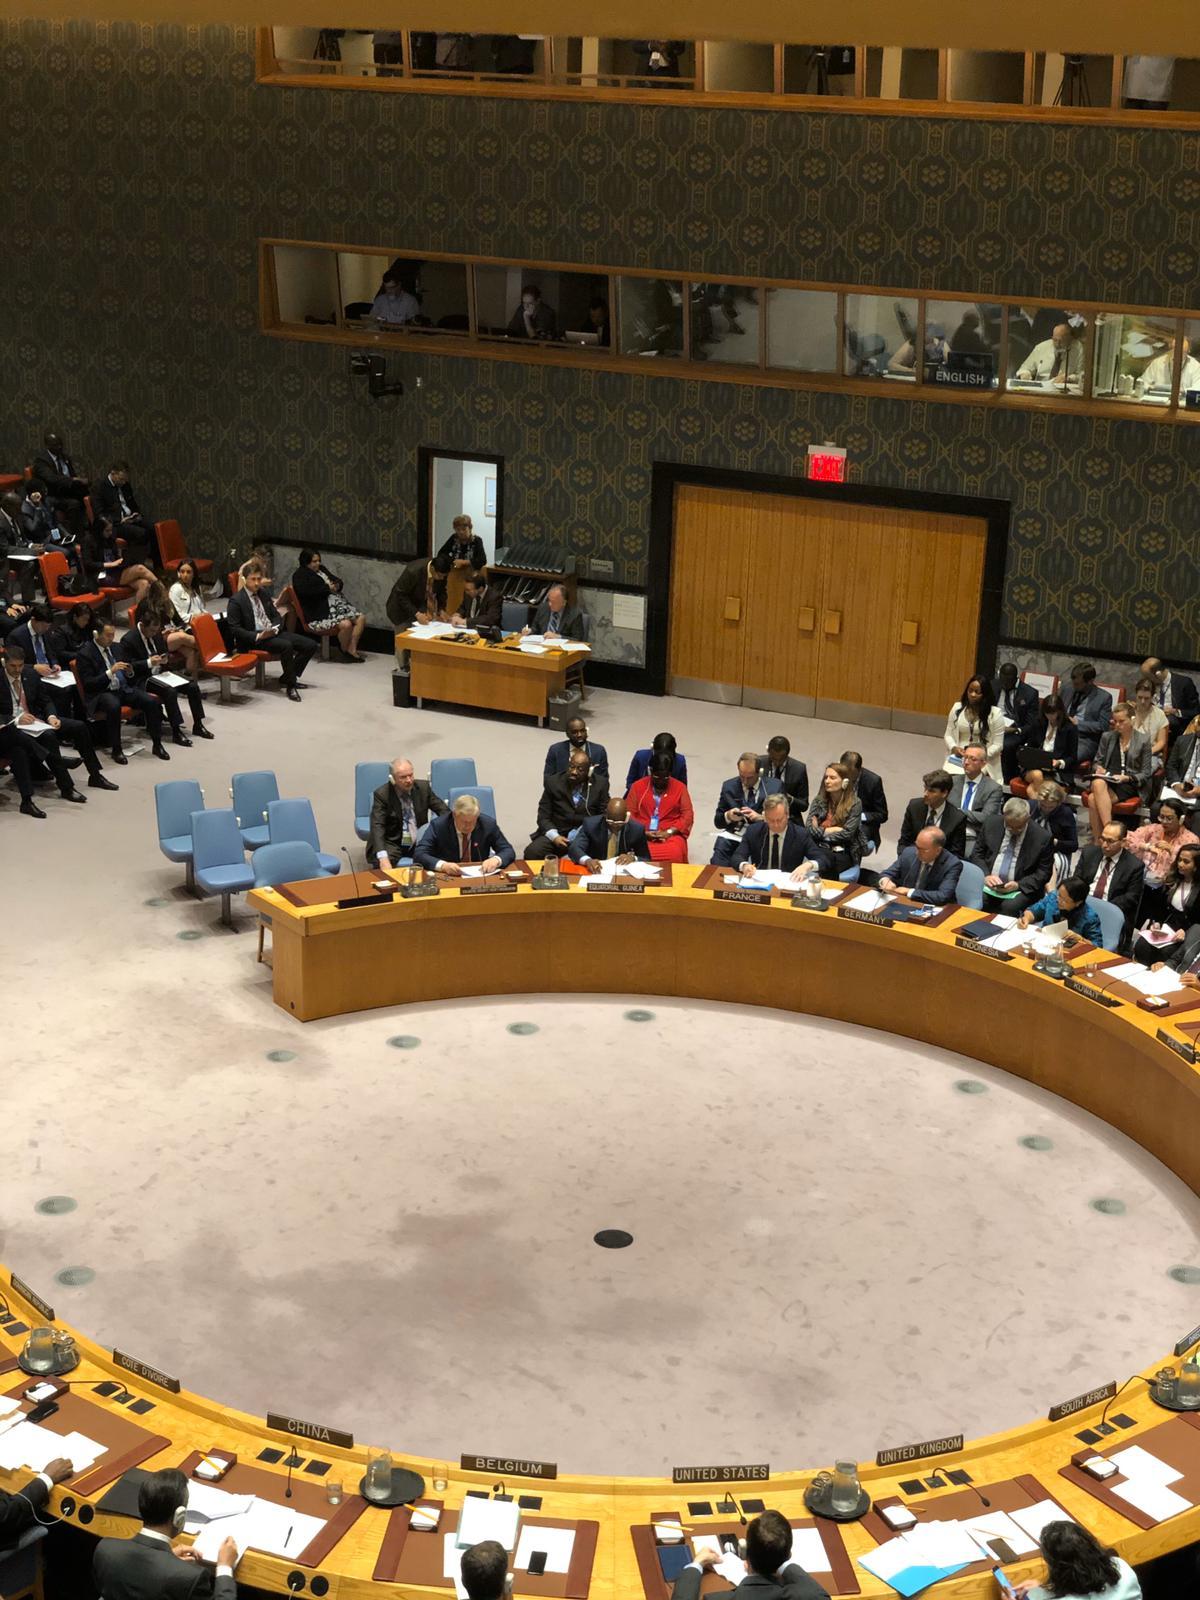 Выступление Исполняющего обязанности Генерального секретаря ОДКБ Валерия Семерикова на заседании Совета Безопасности ООН 25 сентября 2019 года